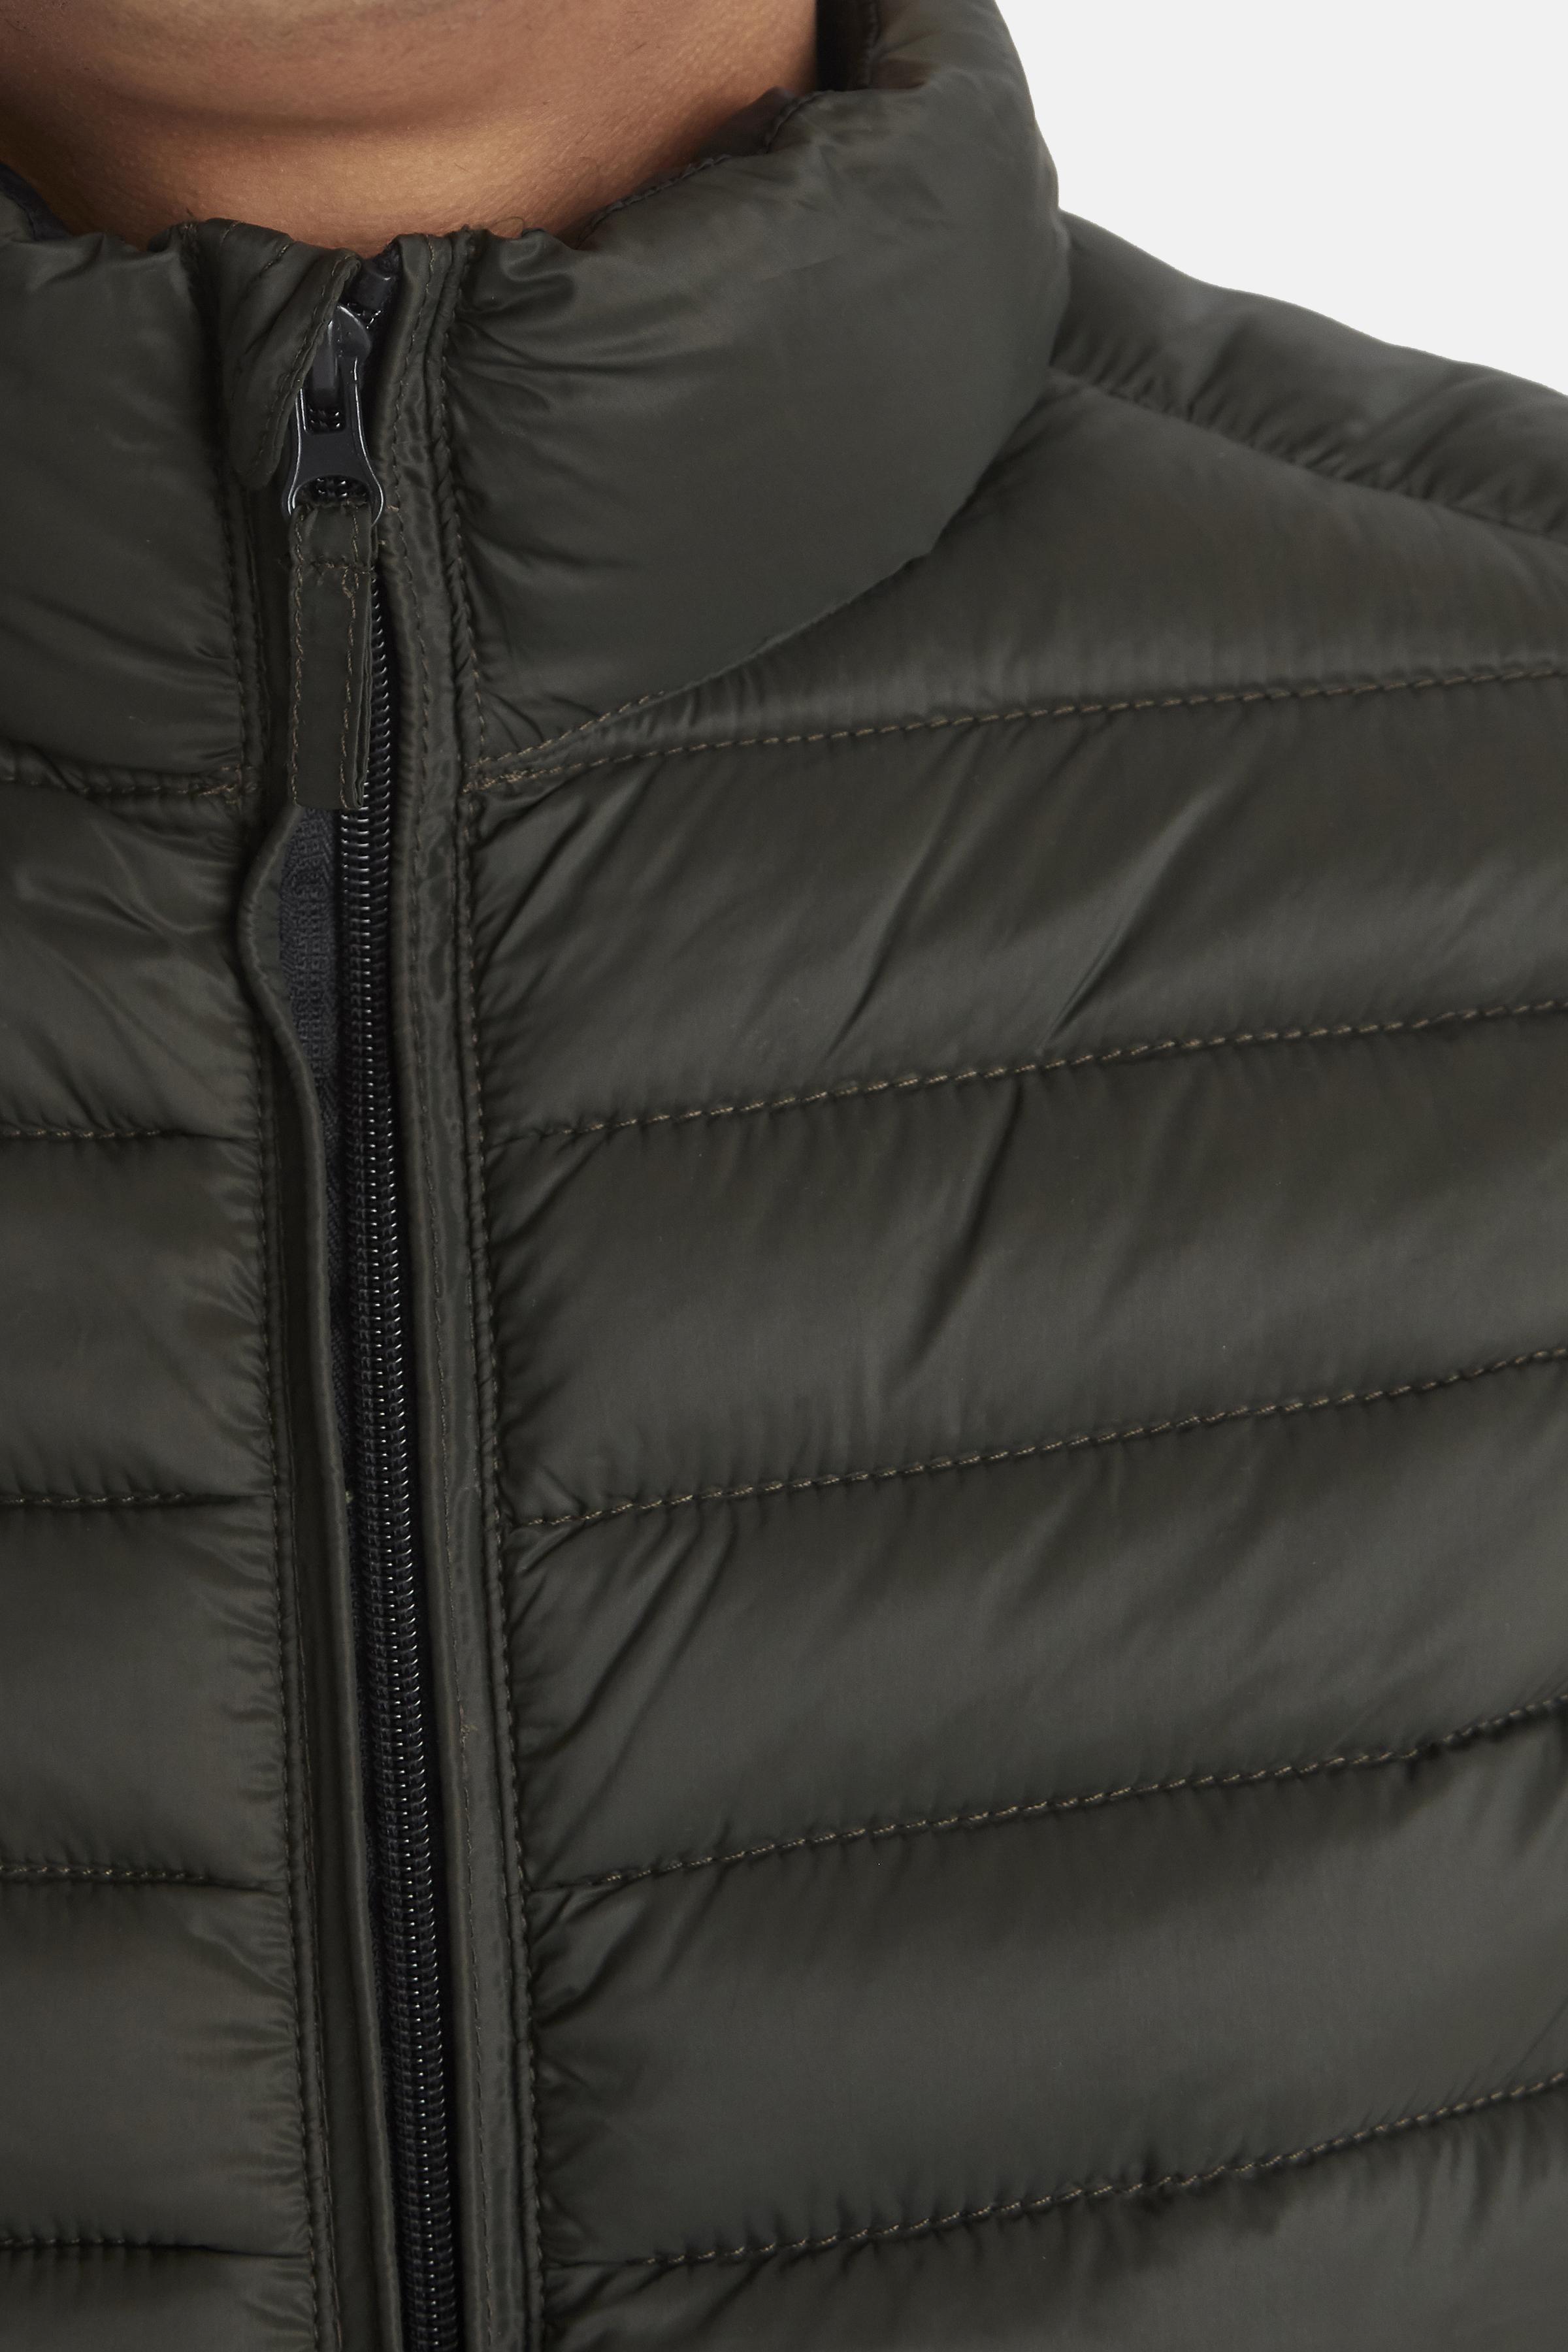 Beetle Green Overtøj – Køb Beetle Green Overtøj fra str. S-XL her